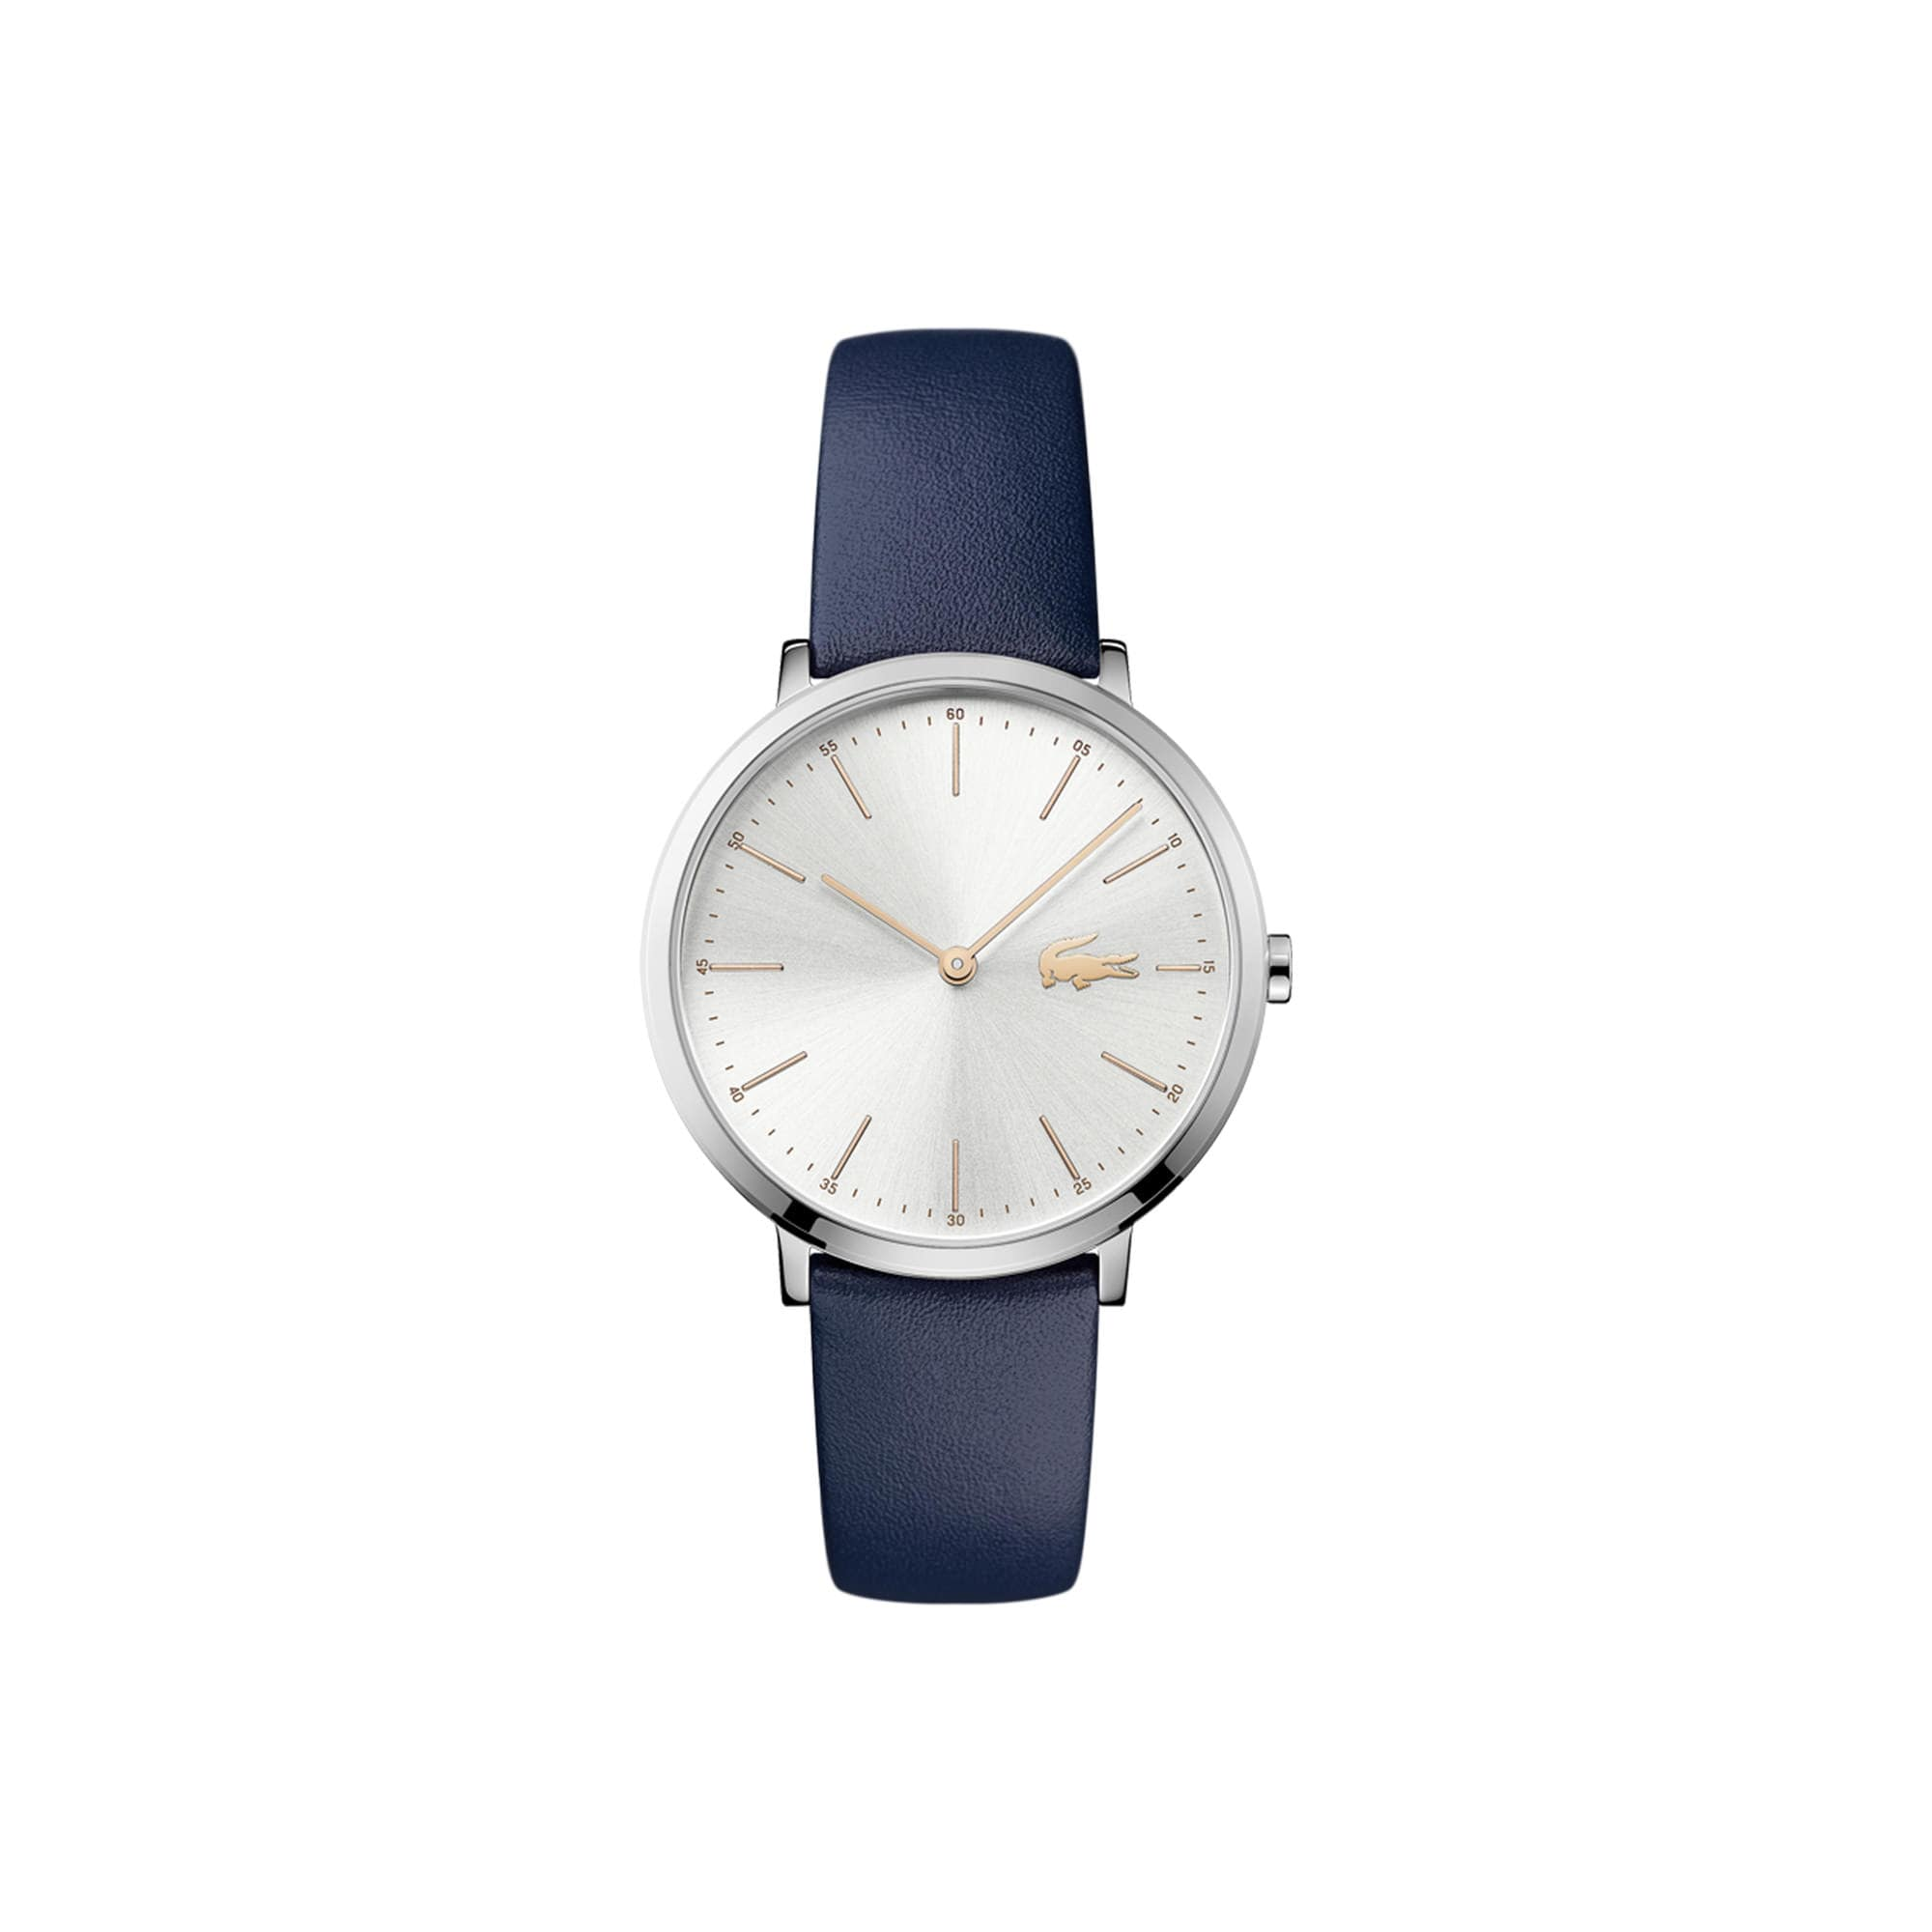 MOON horloge 2 materialen